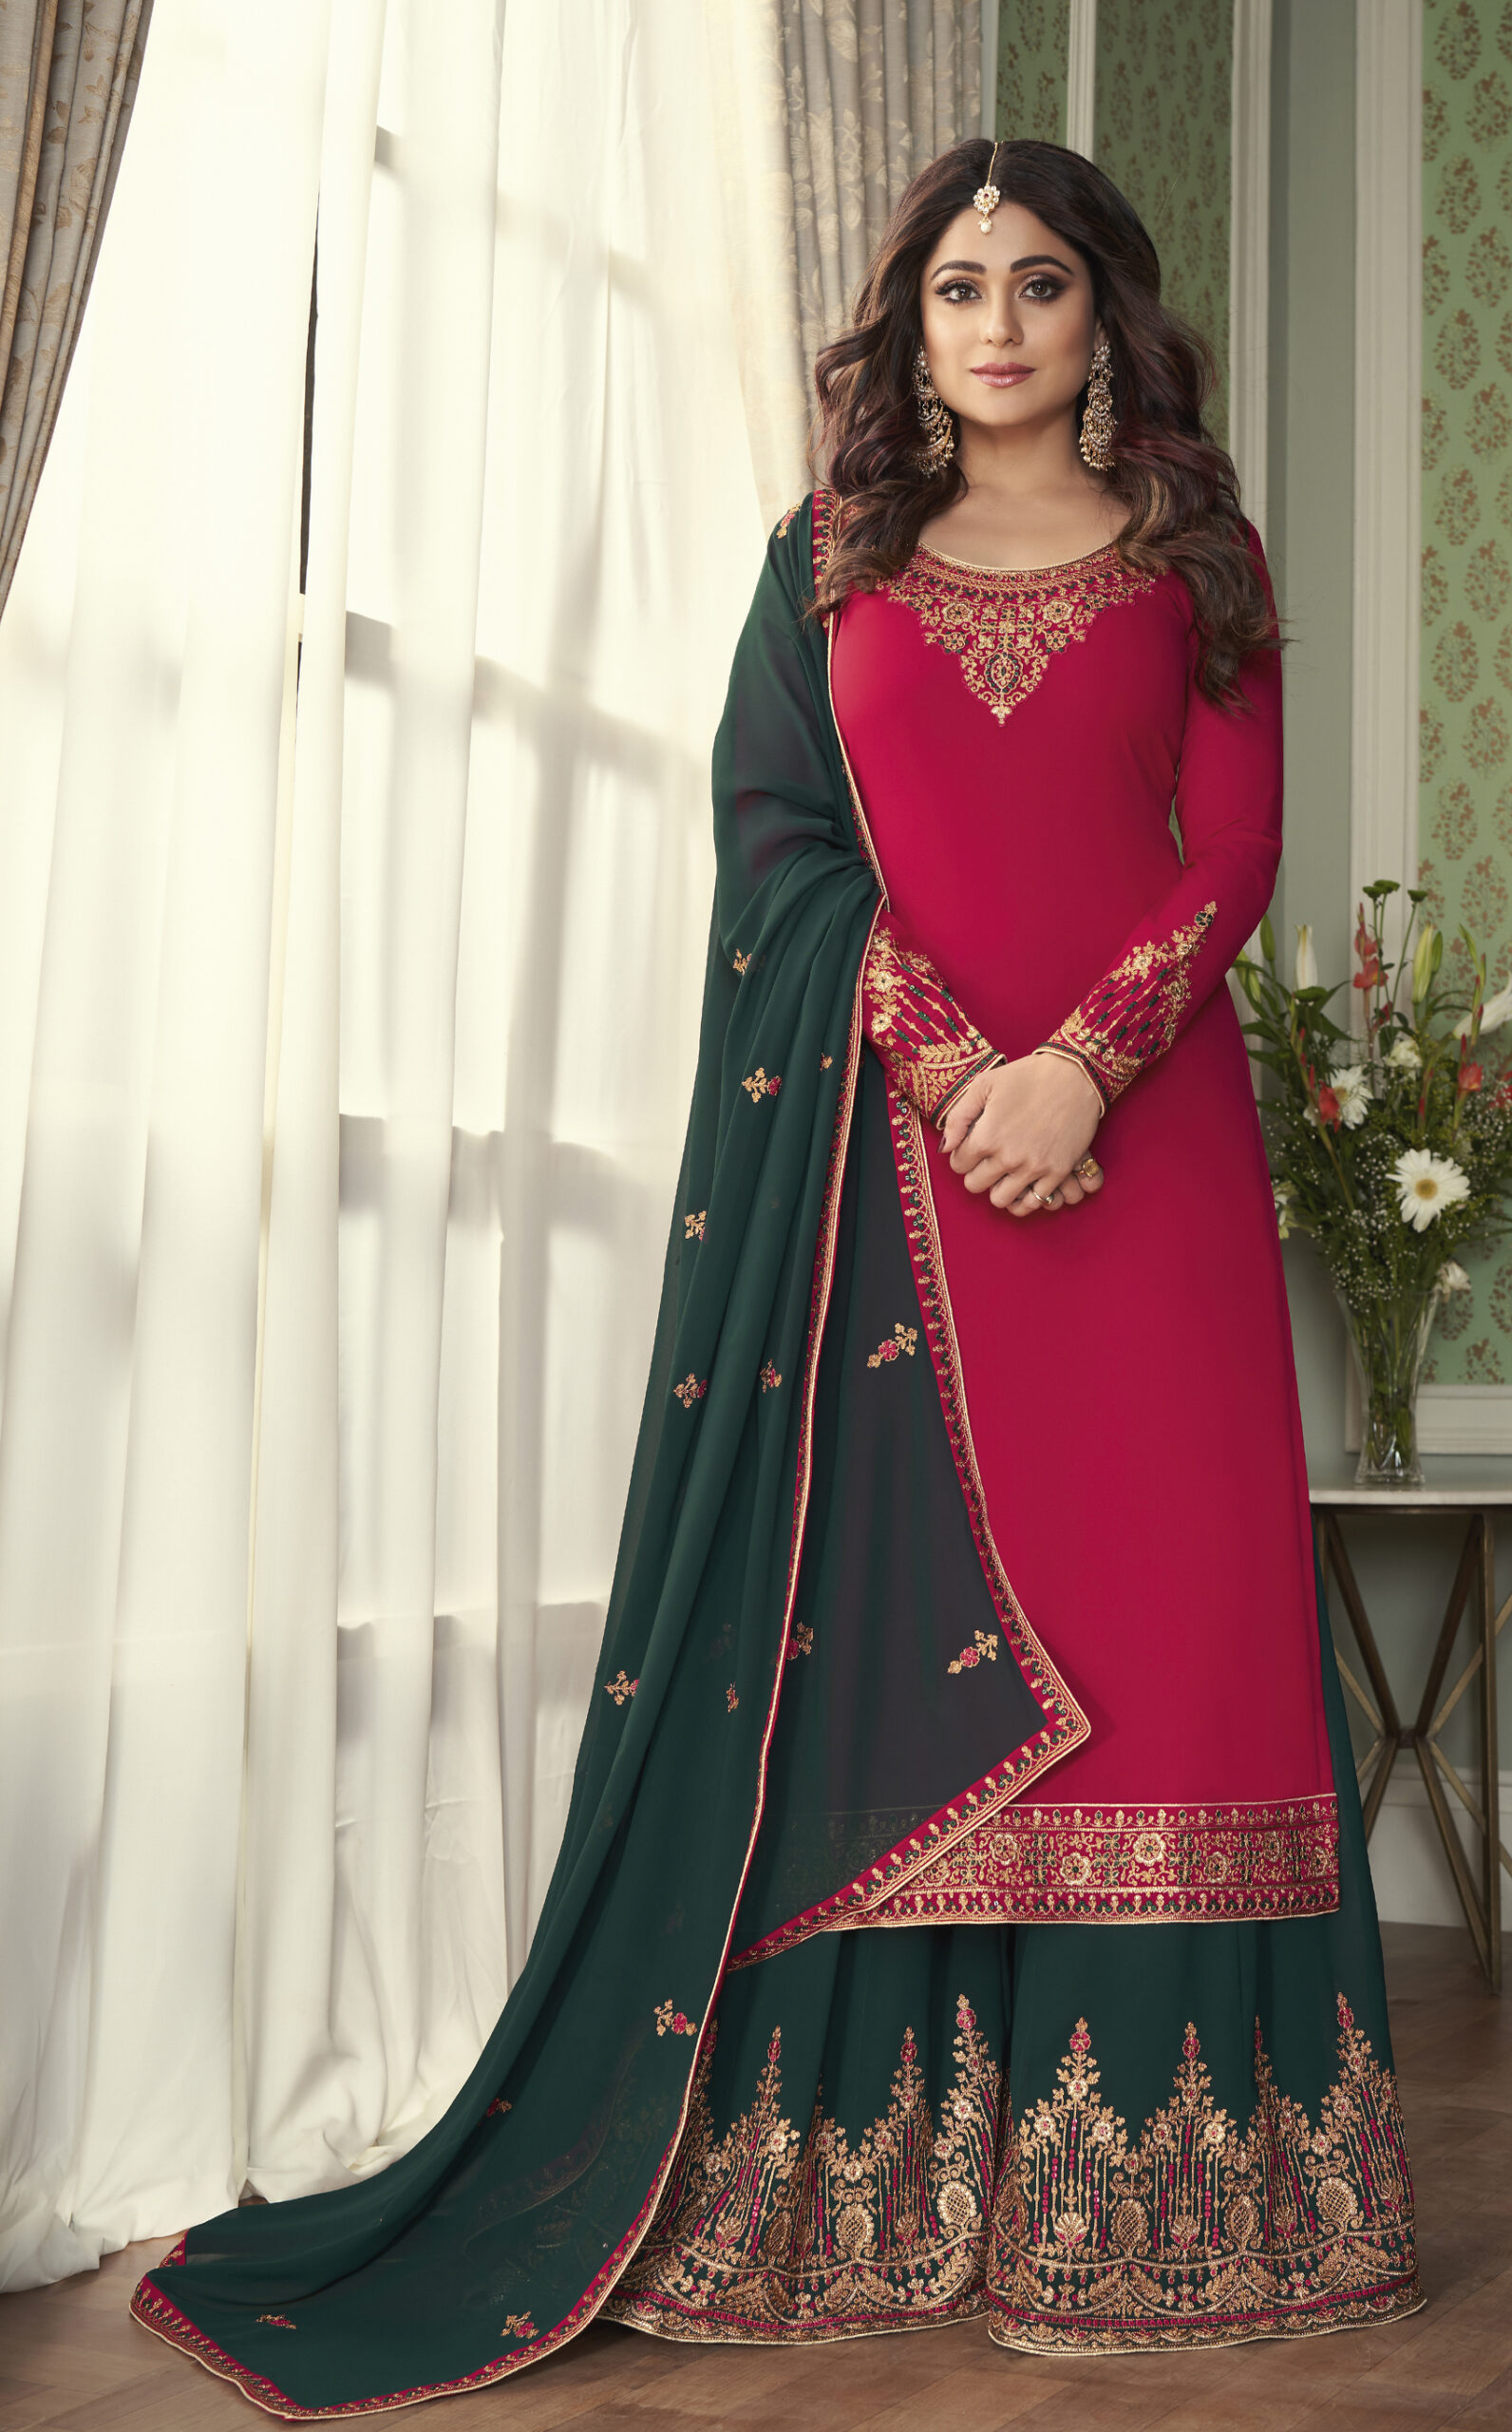 Contrast Punjabi Suits Design Latest